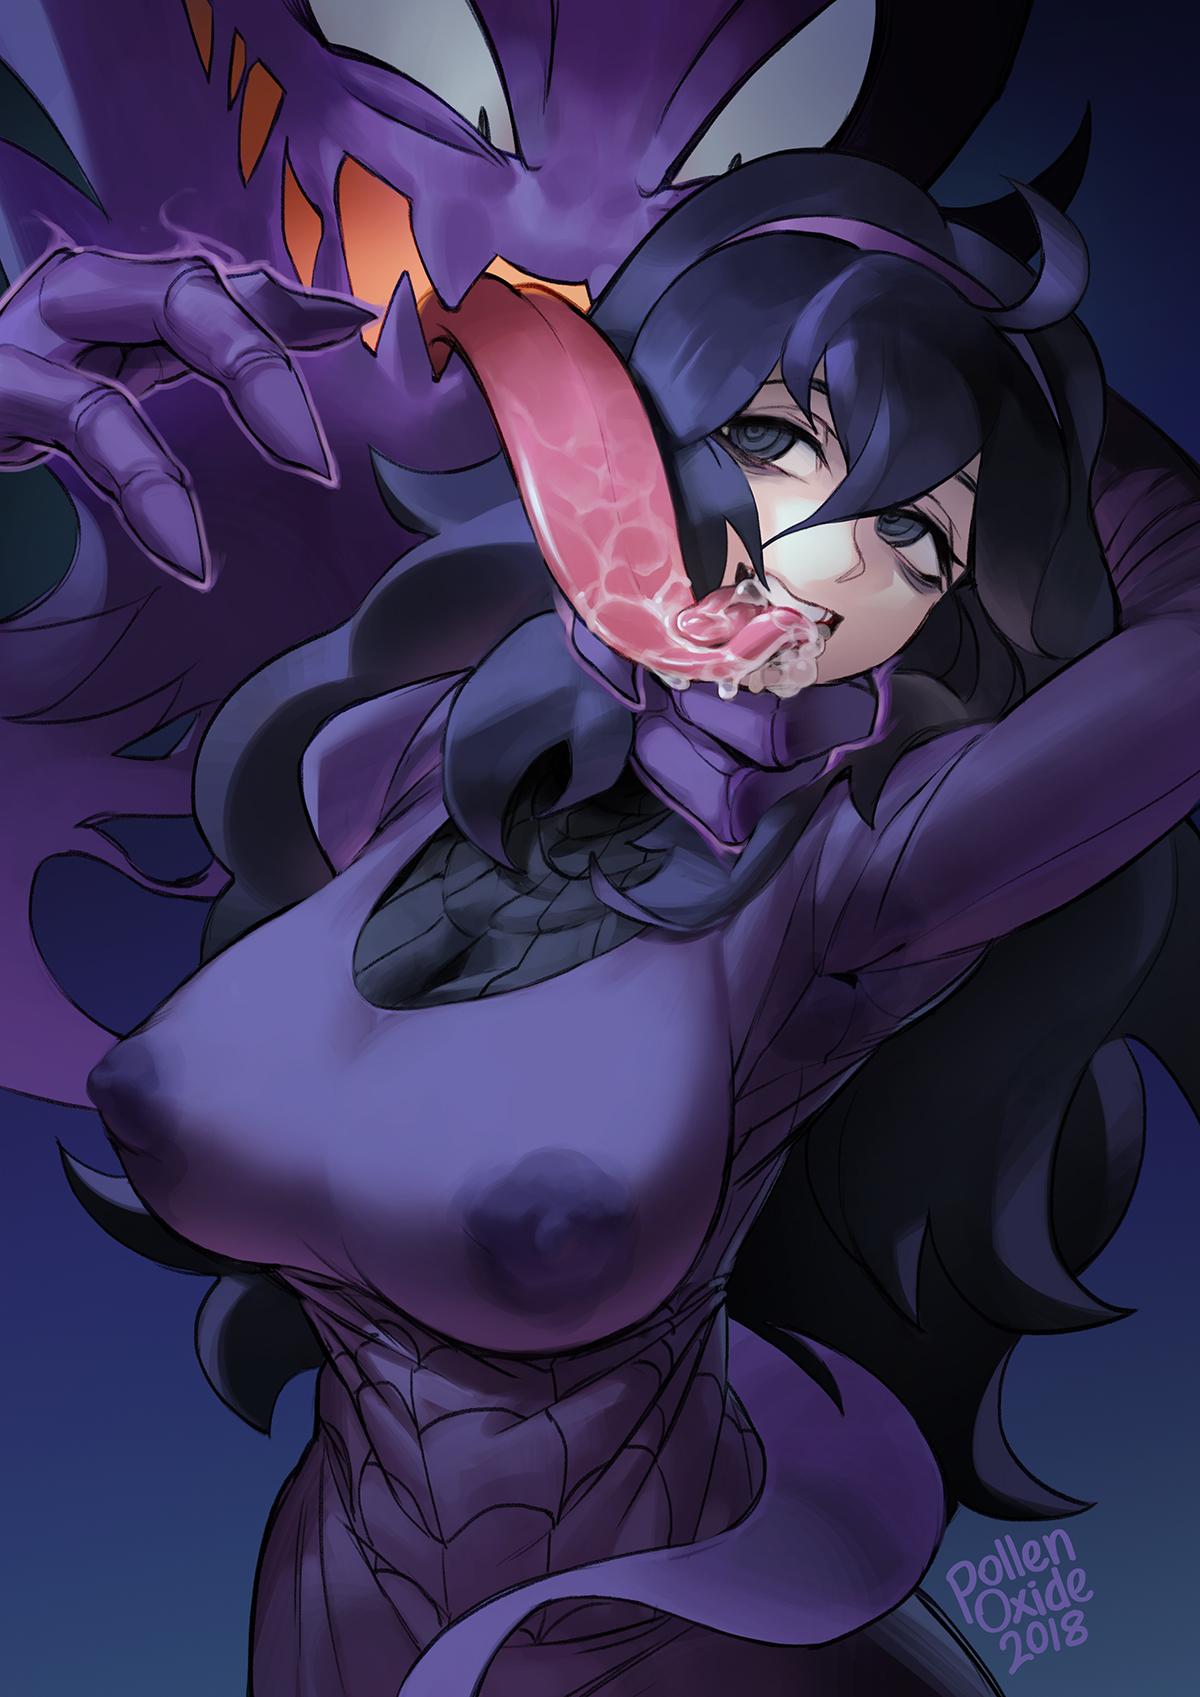 Haunter's Lick